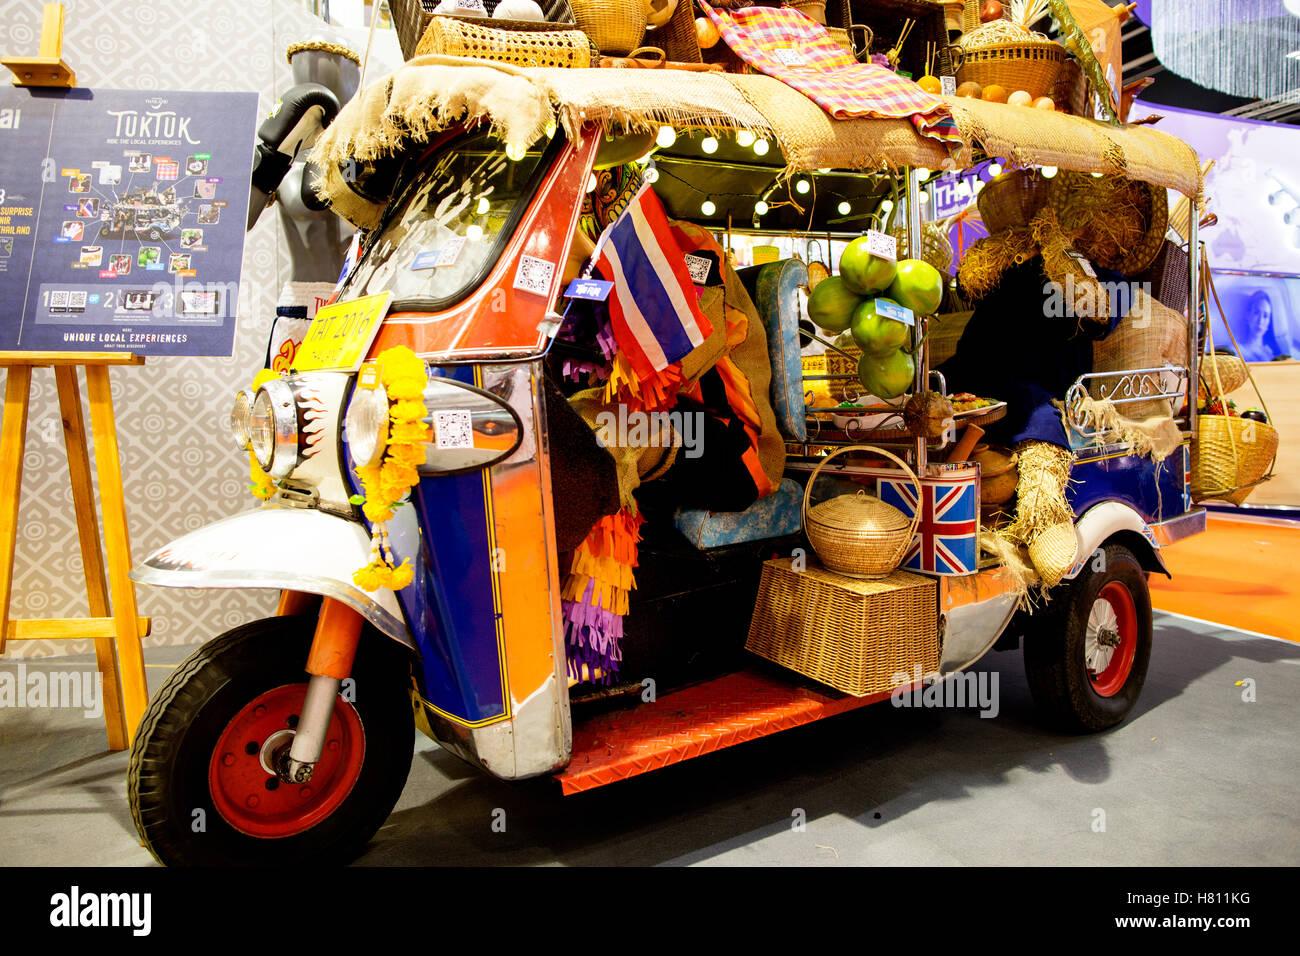 Thai Tuk Tuk Travel Show London UK - Stock Image